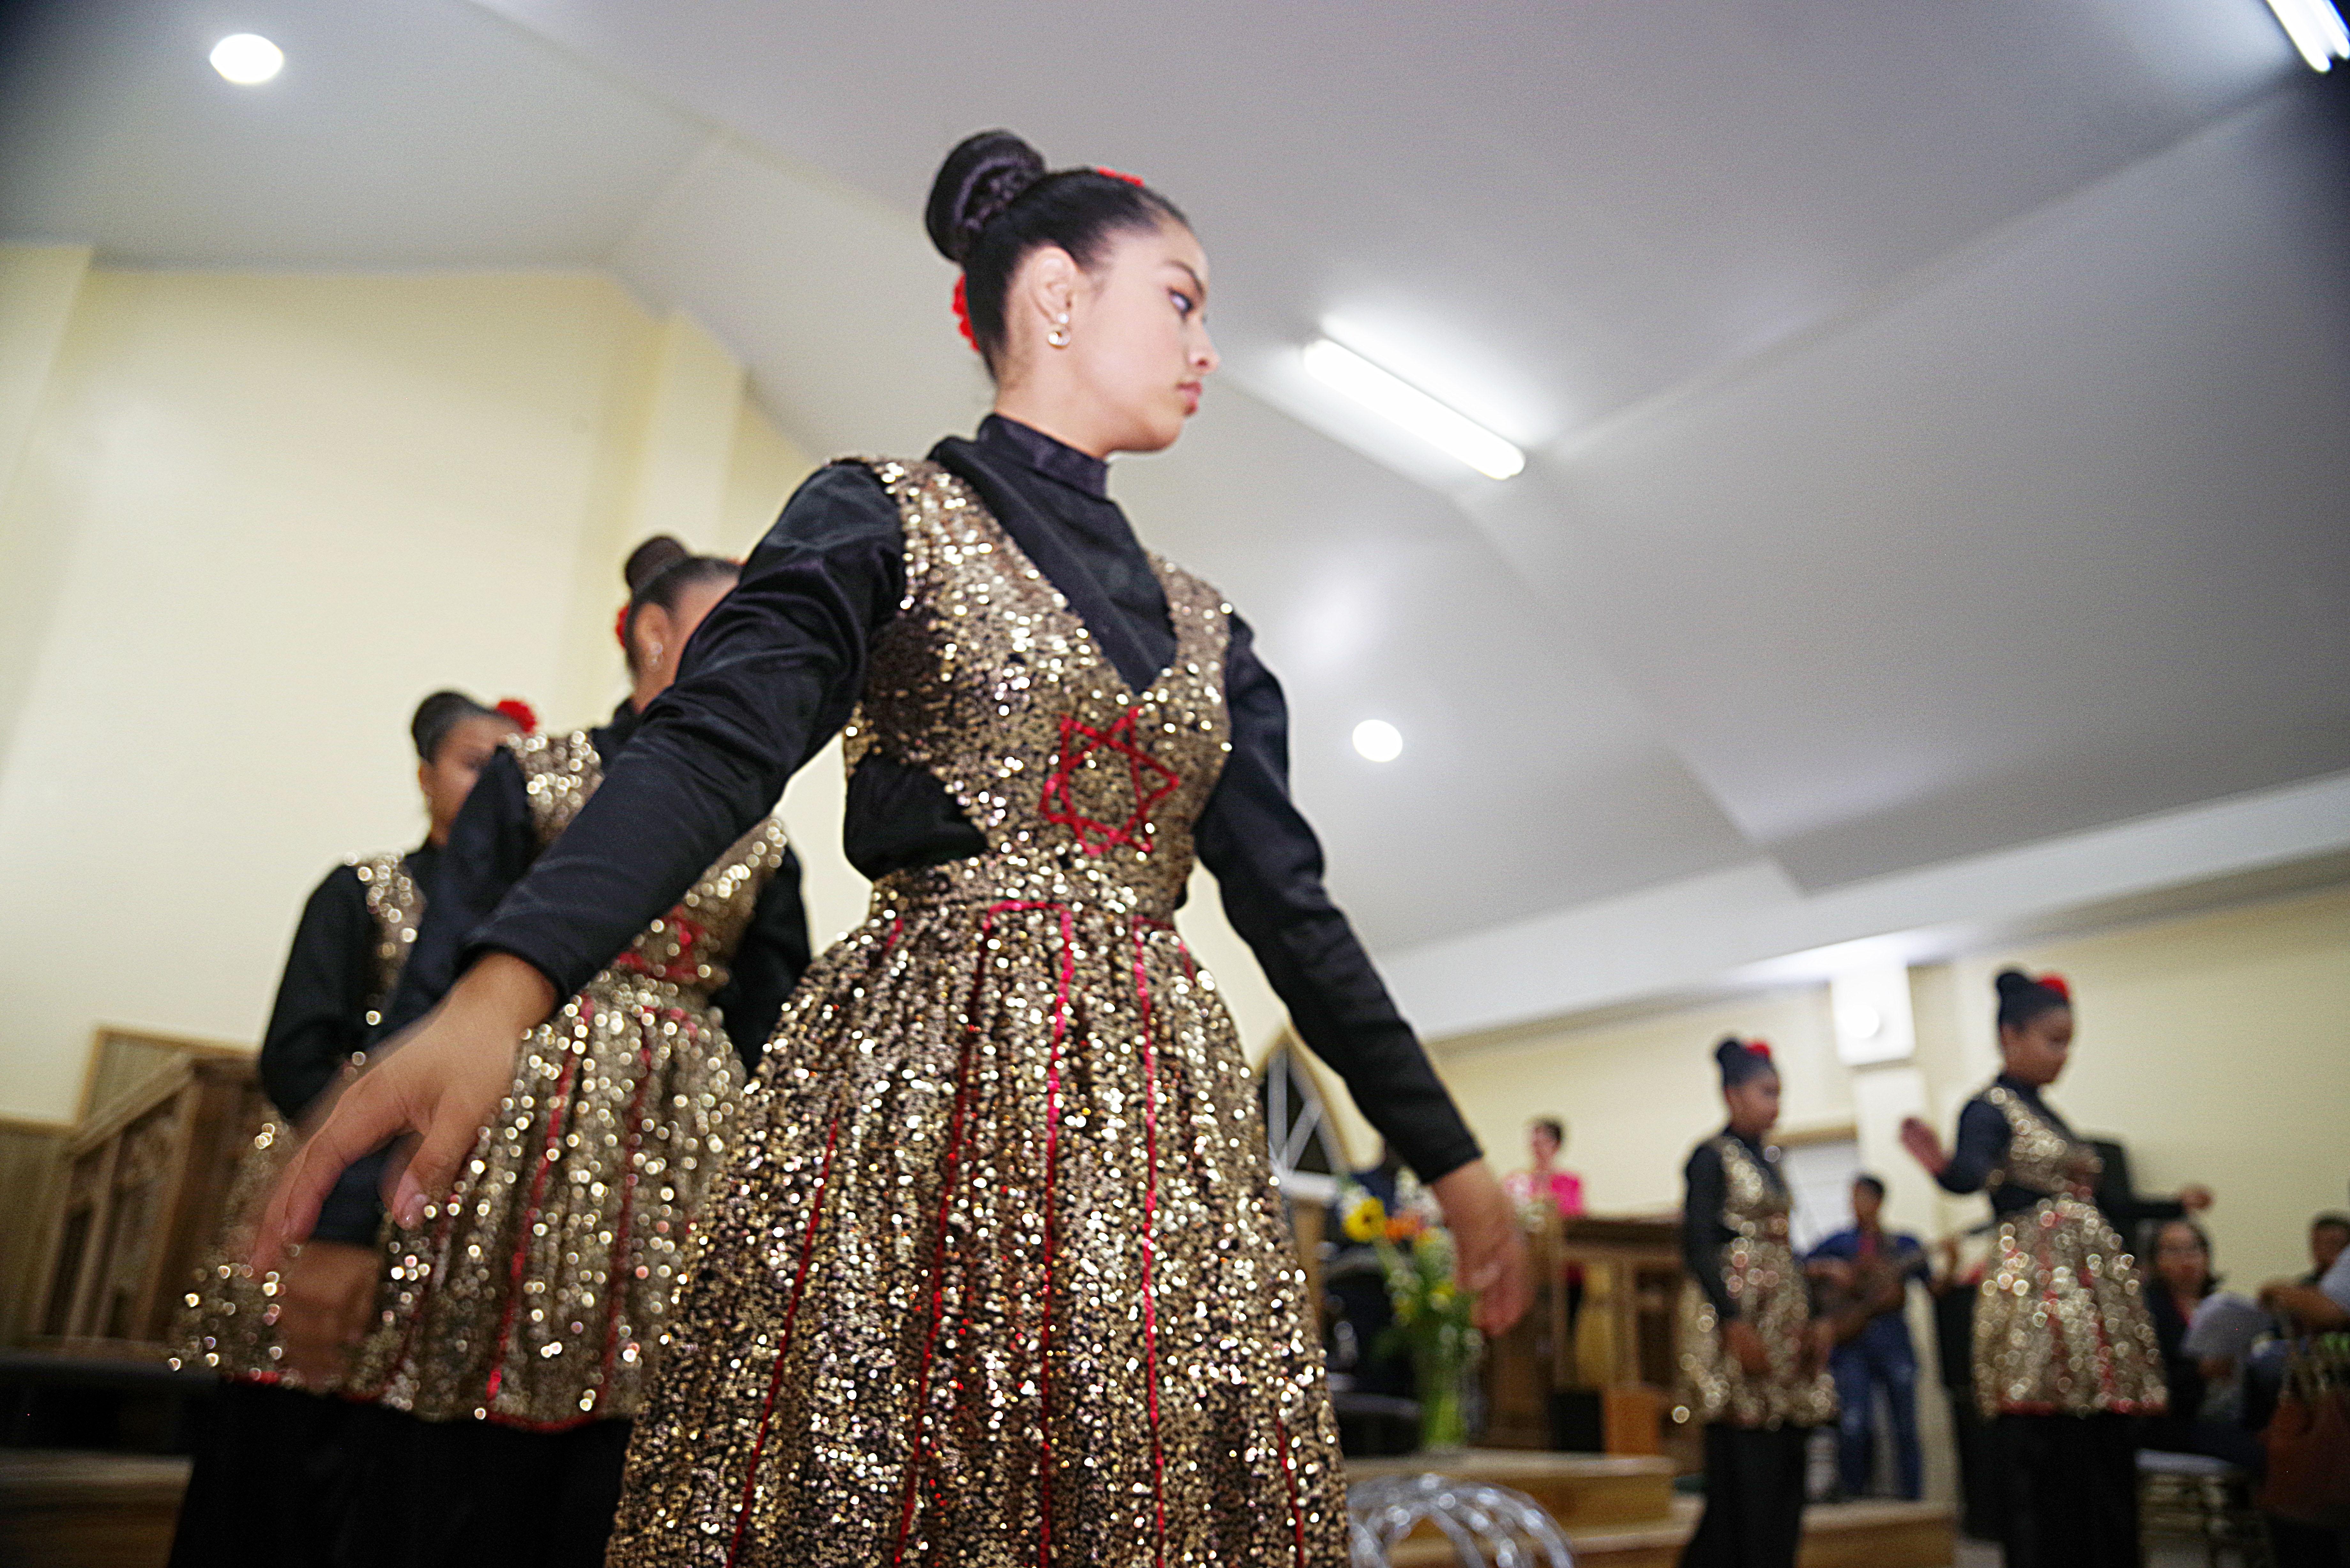 El grupo de danza de la Iglesia Metodista Unida de Talanga, participó en las alabanzas durante al culto inaugural. Foto Rev. Gustavo Vasquez, Noticias MU.